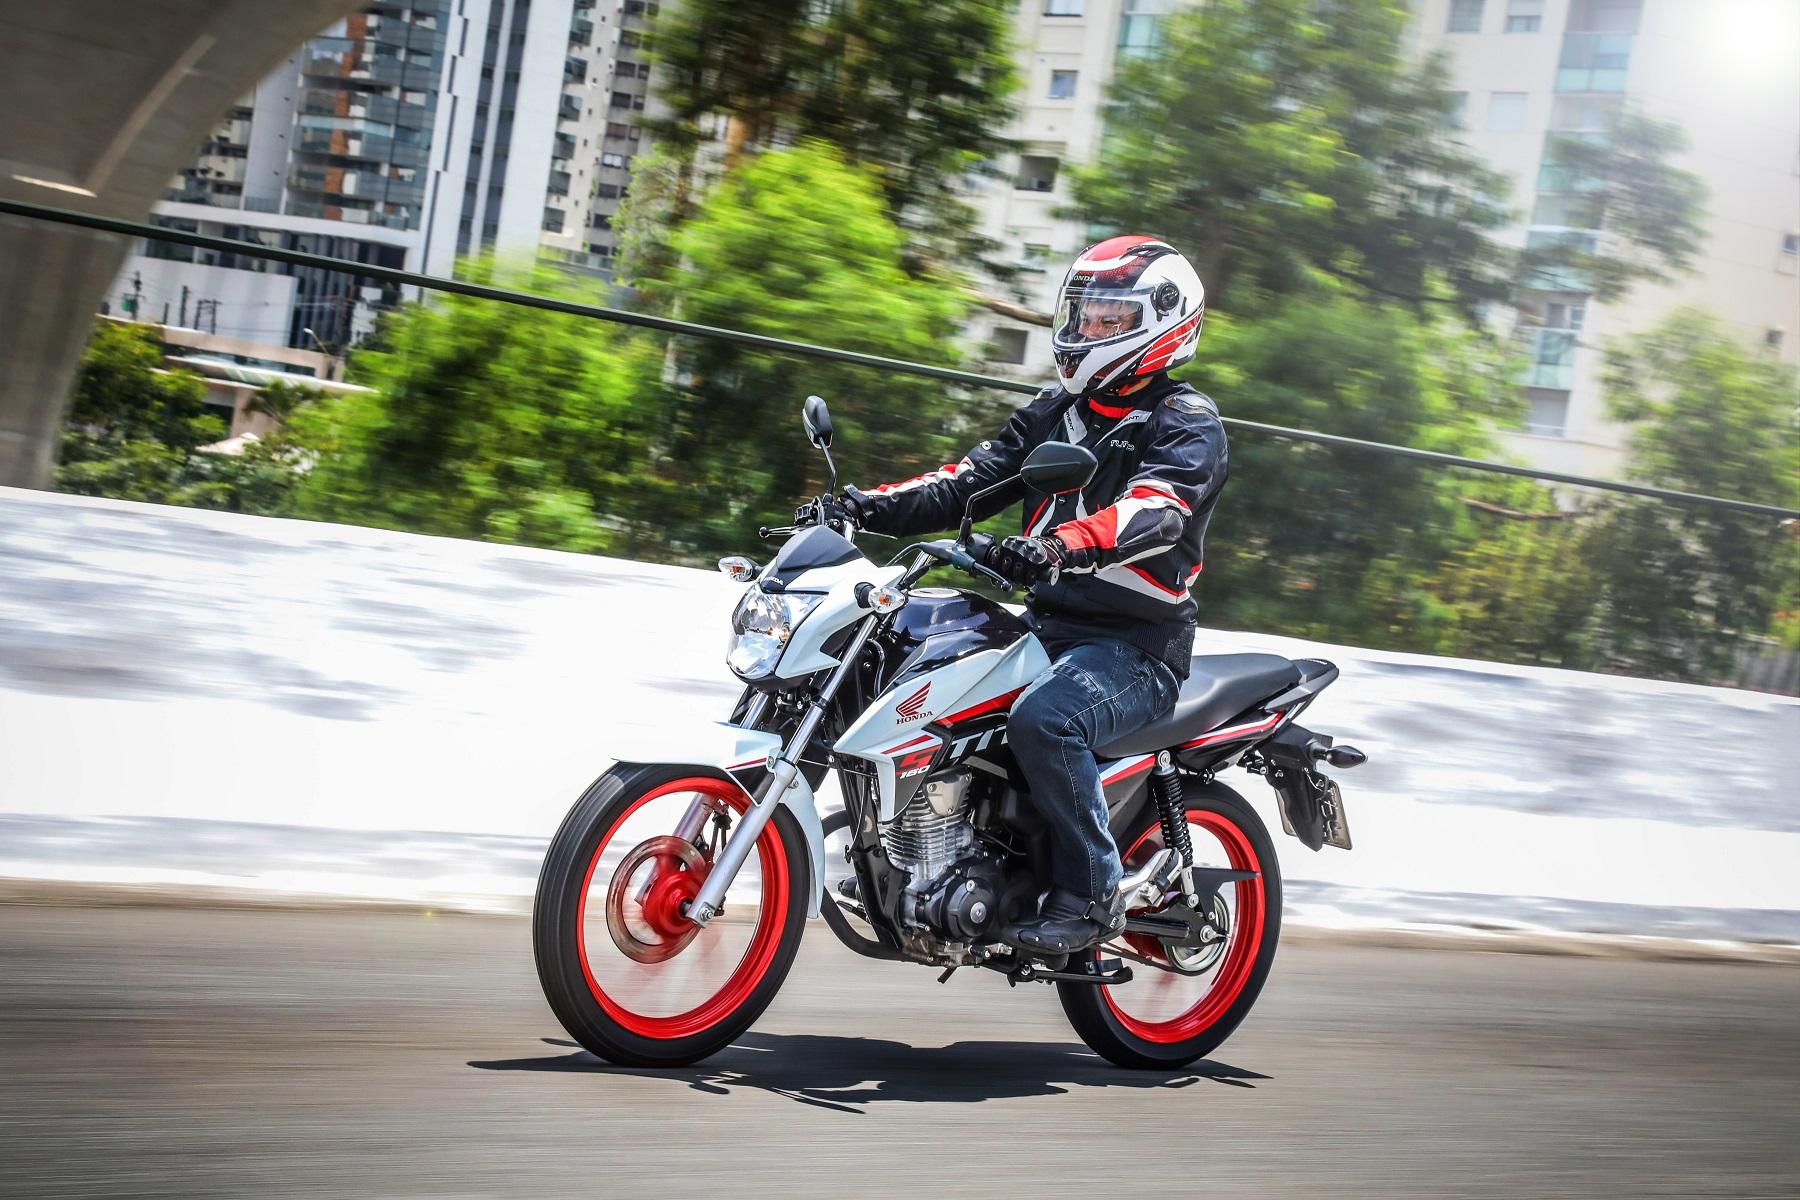 Motos, como a Honda CG 160 Titan, também se valem dos benefícios do Óleo Pro Honda